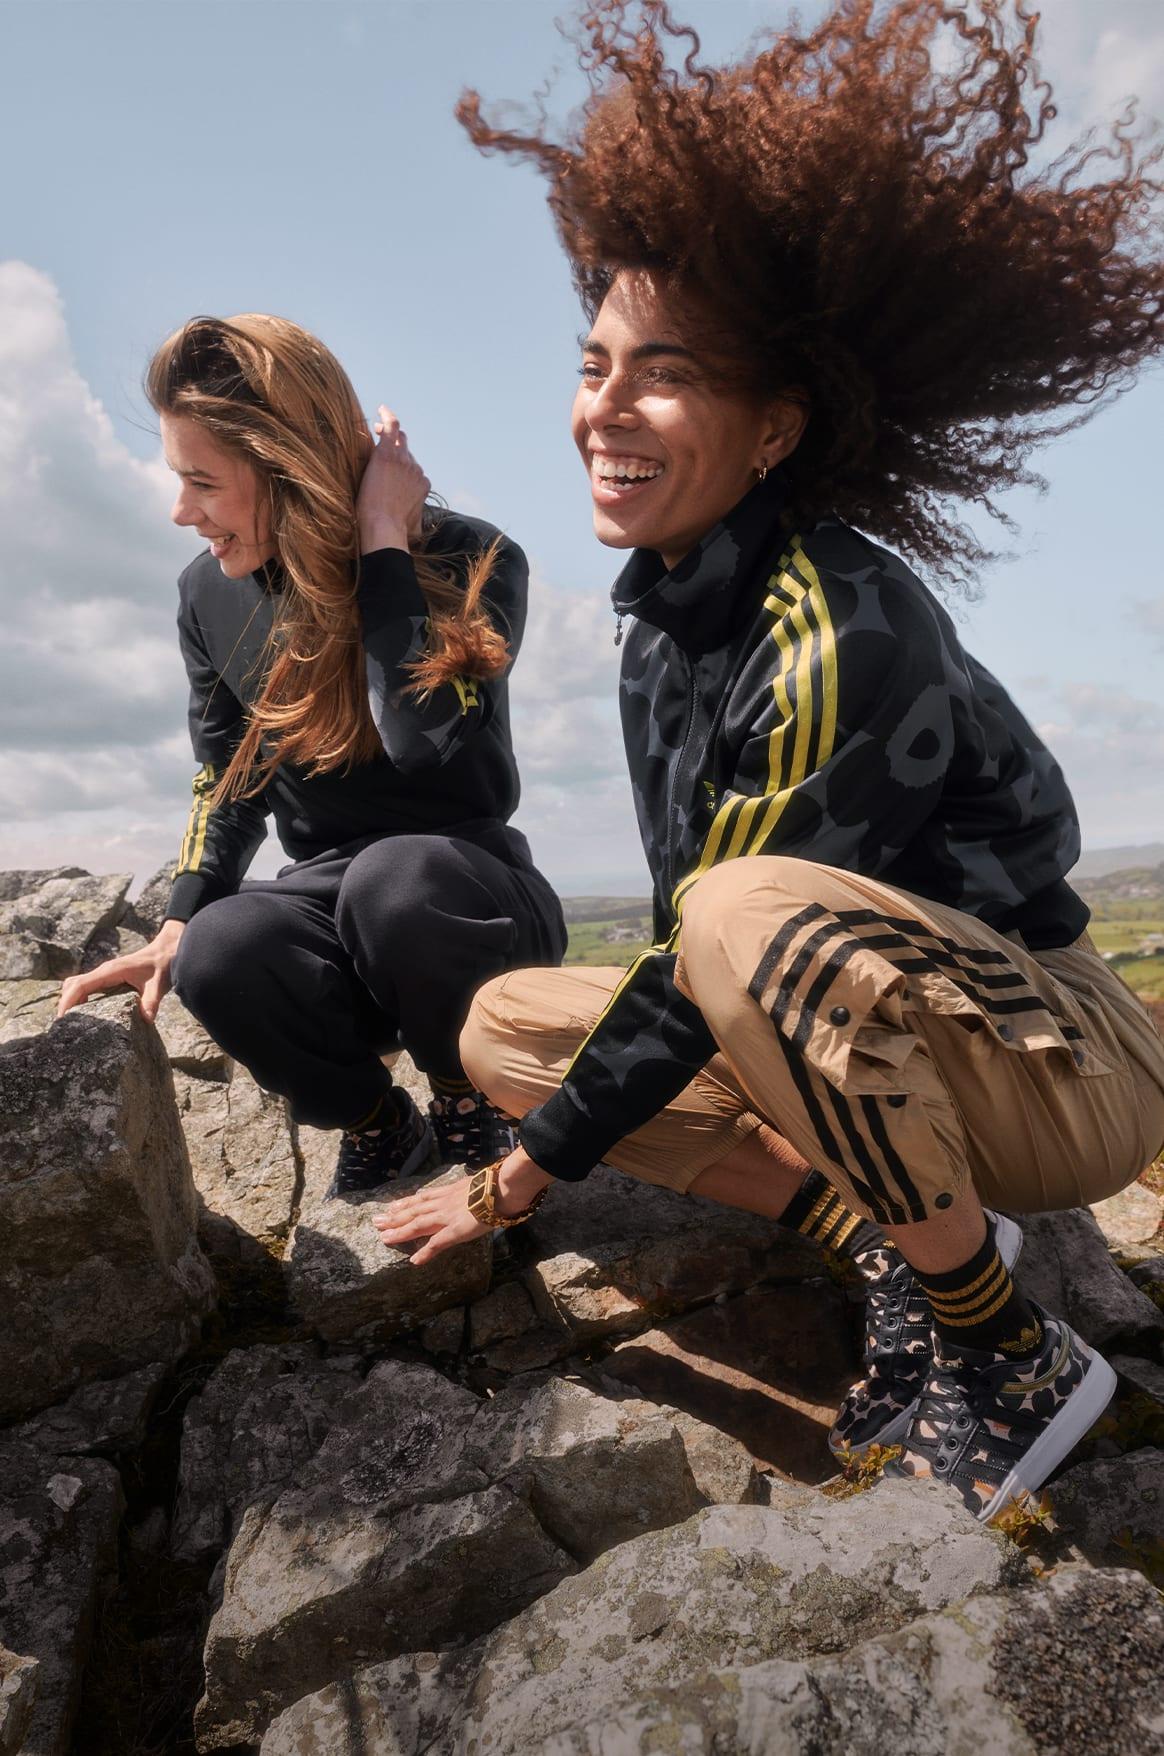 Female wearing adidas marimekko jacket